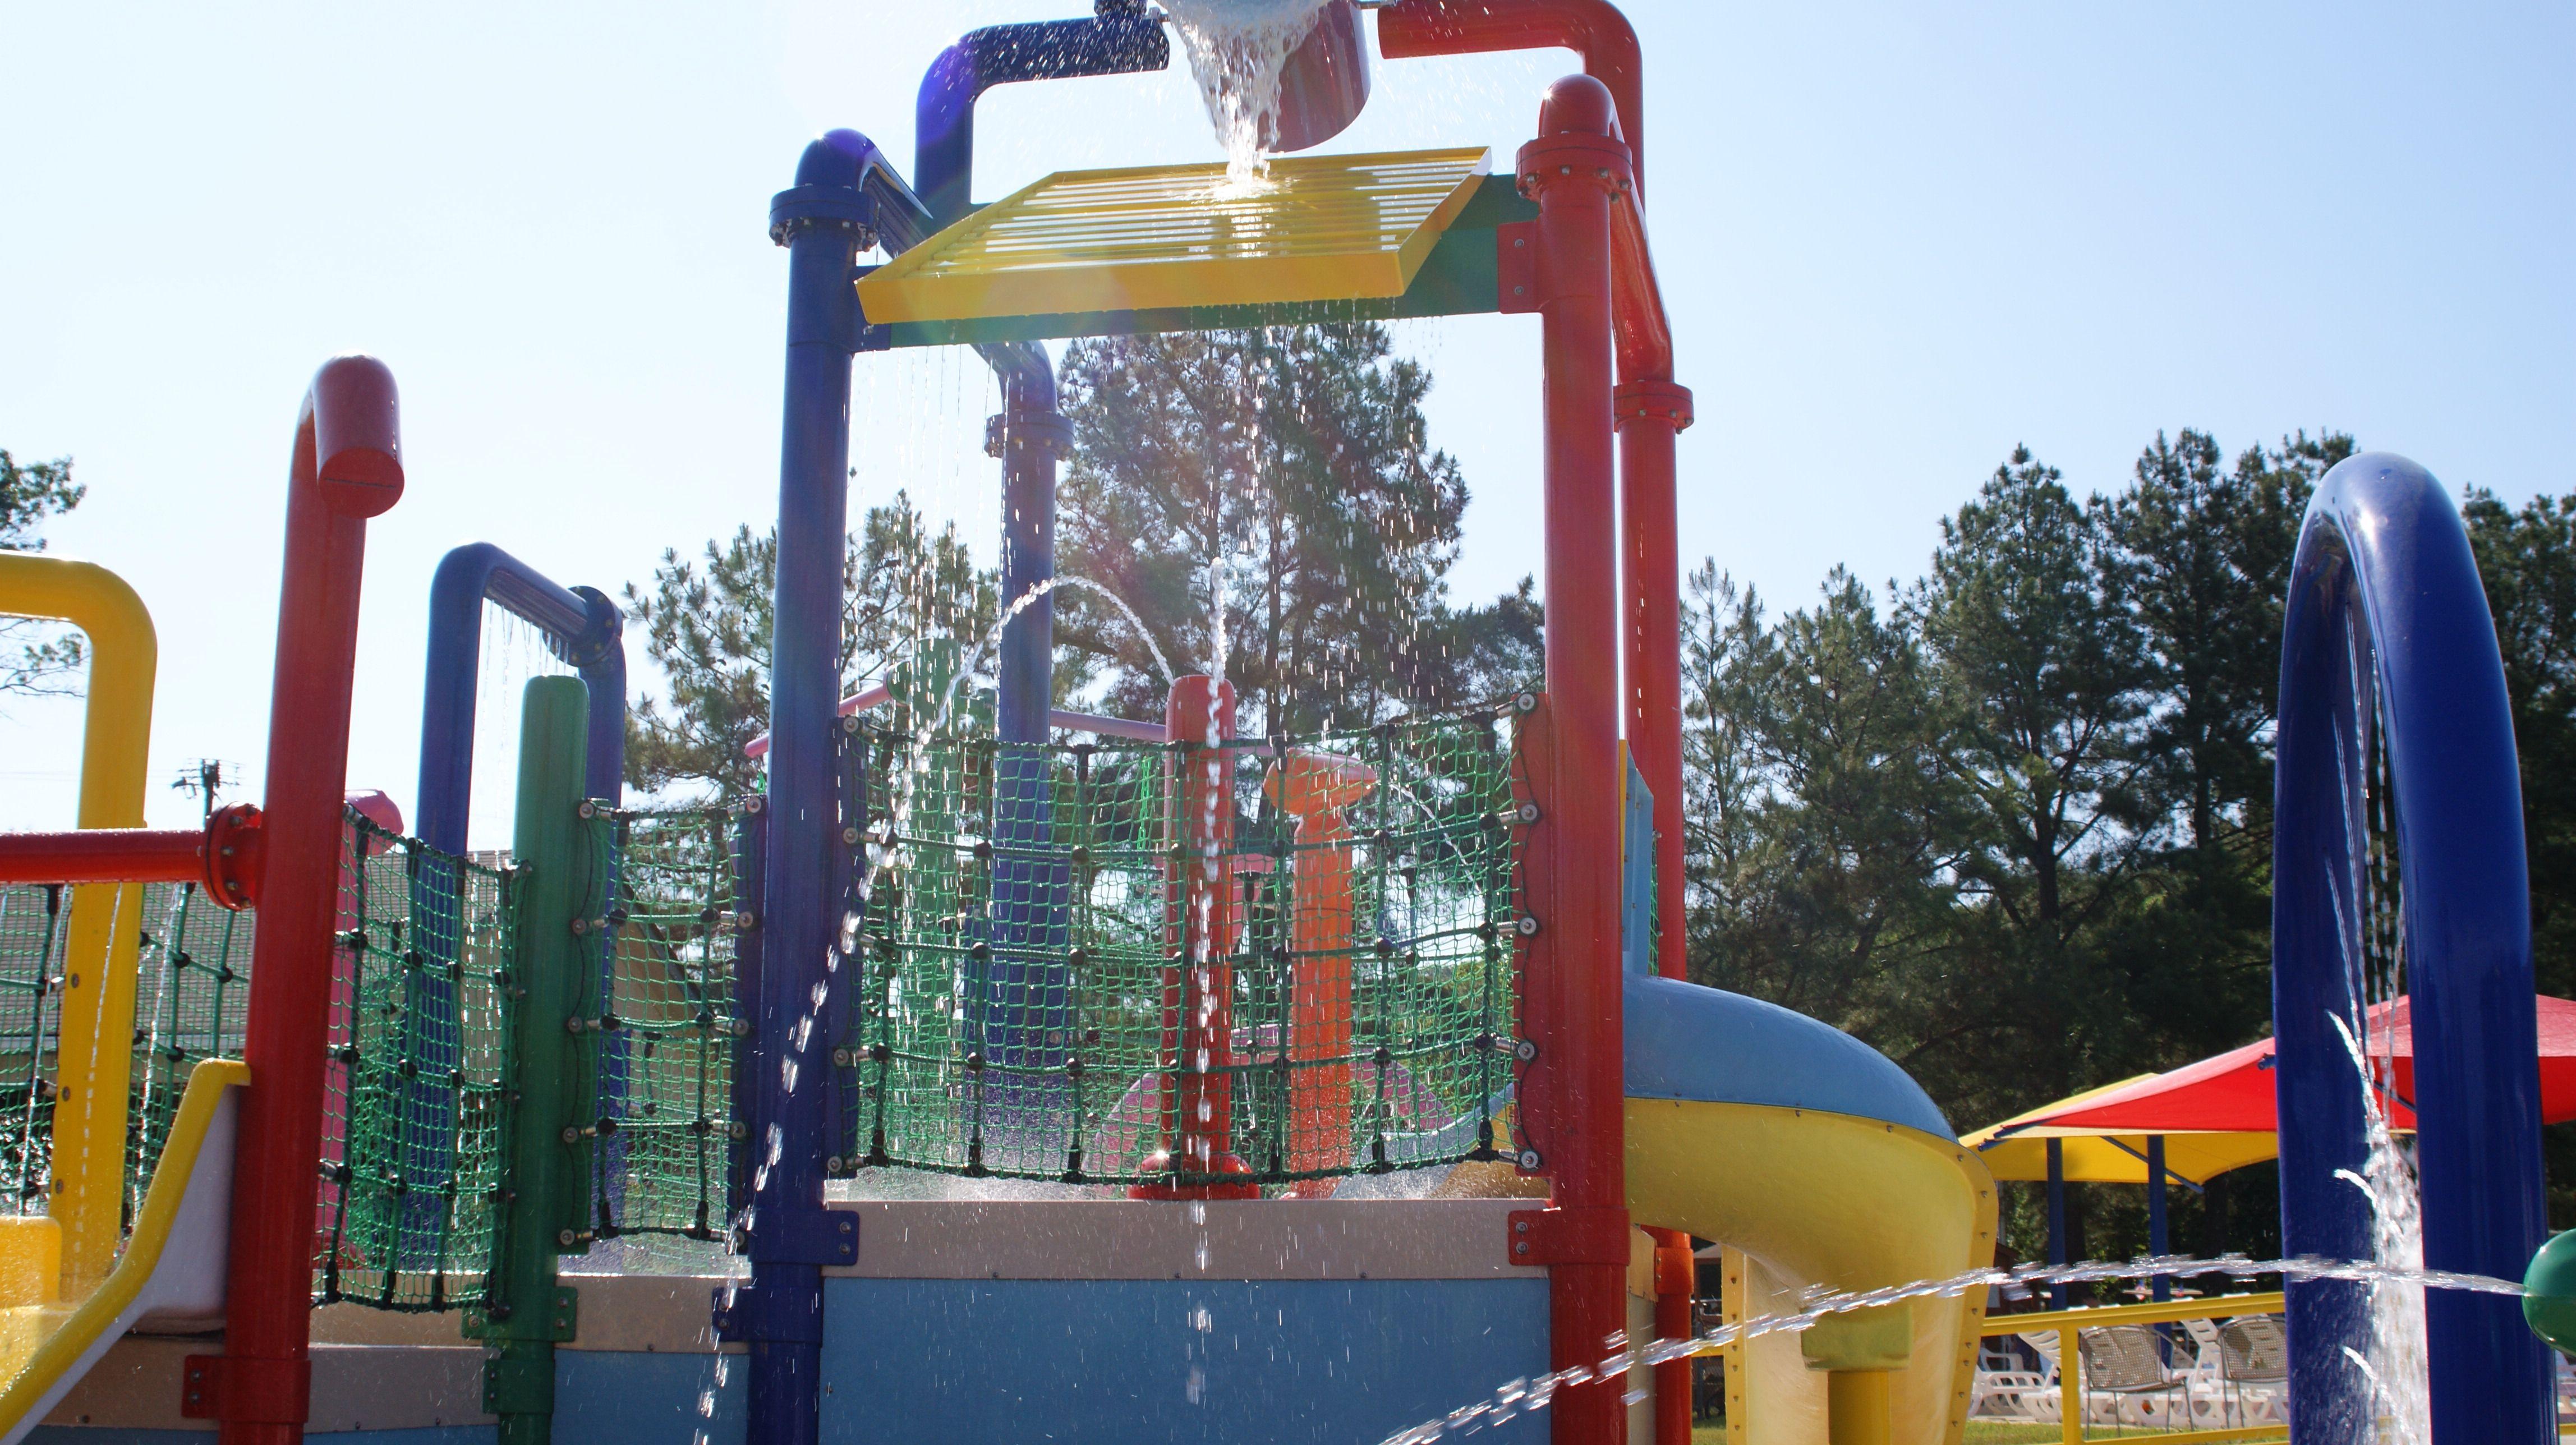 Spray Ground At Yogi S Jellystone Campground Luray Virginia Yogi Bear Jellystone Park Yogi Bear Campground Jellystone Park